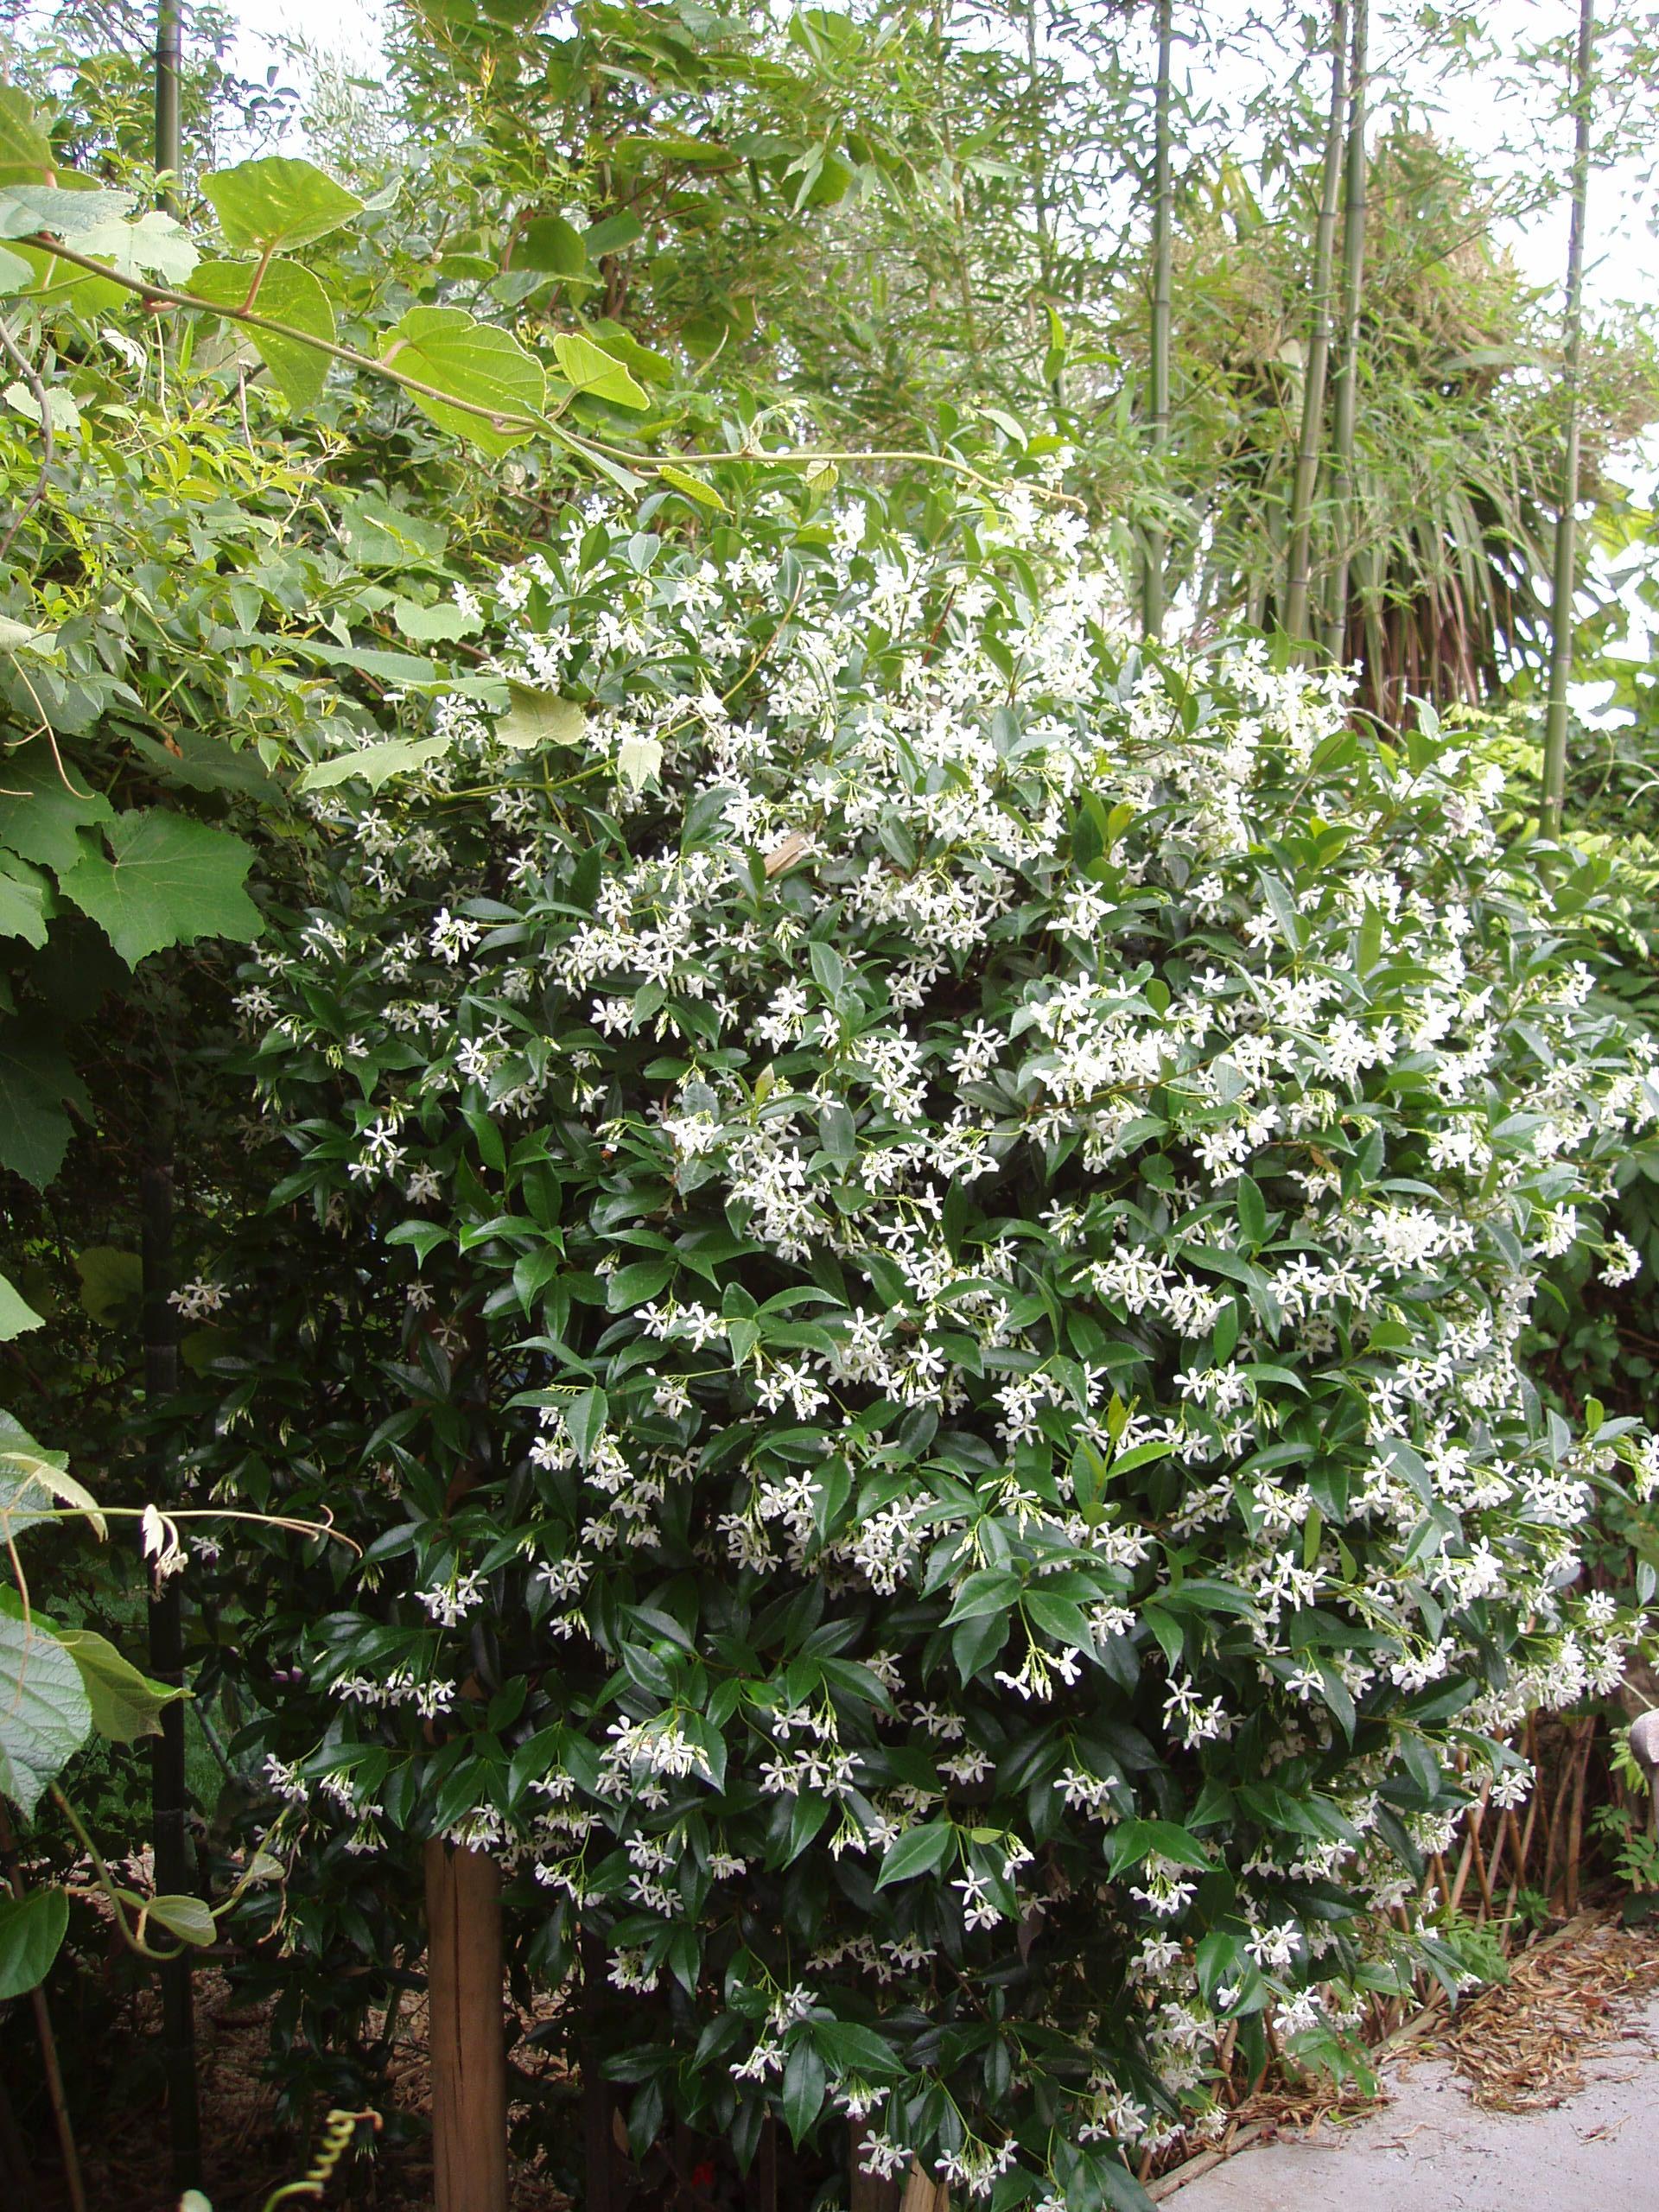 St phane guillot p pini res cr ation de jardins for Vente plantes artificielles tunisie